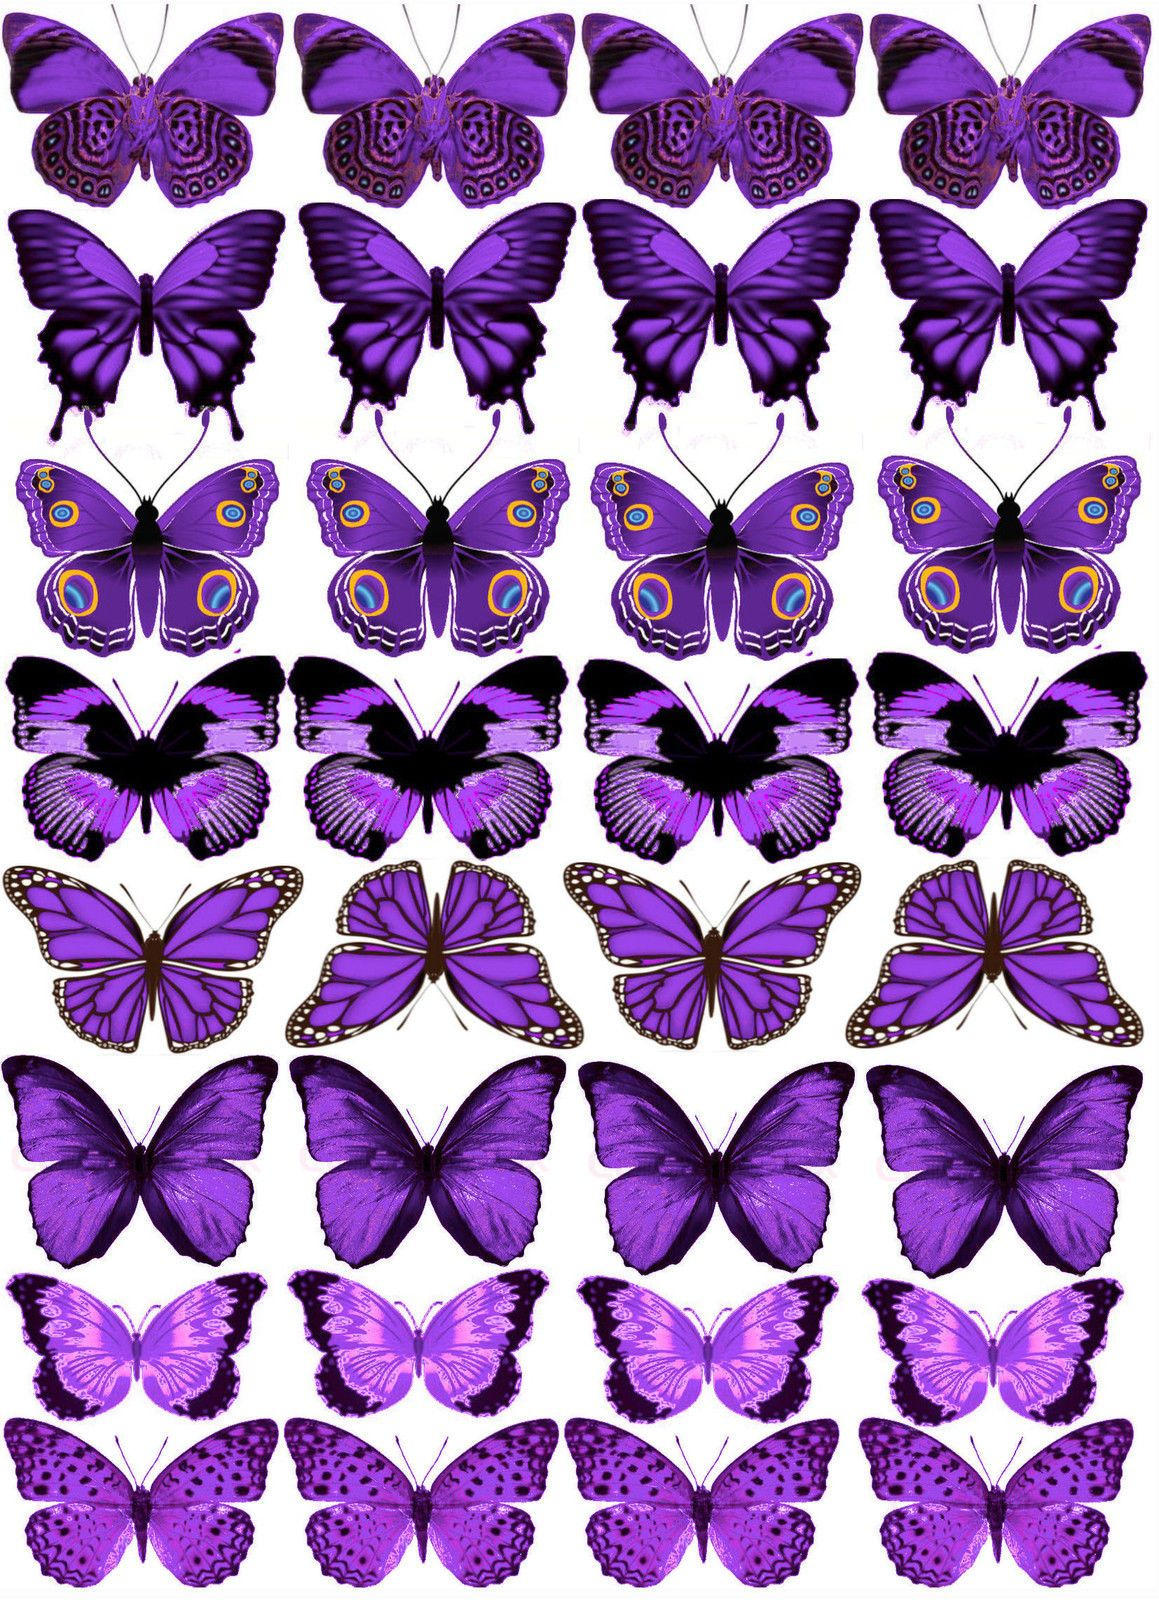 32 mixed stunning purple butterflies various designs